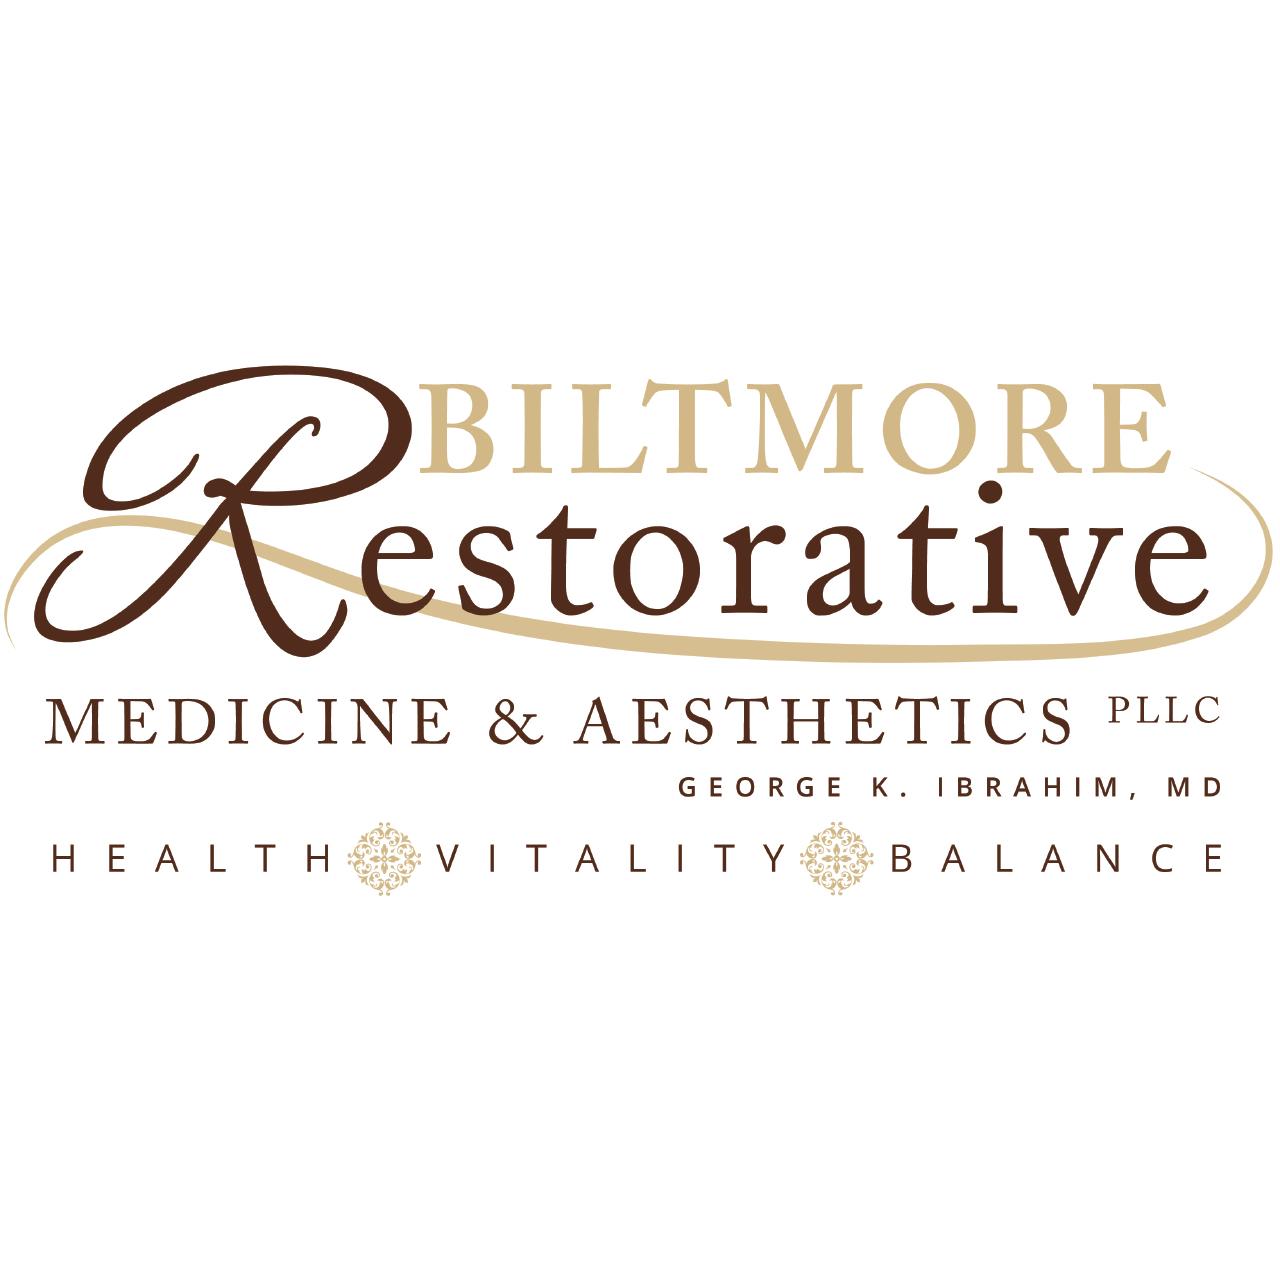 Biltmore Restorative Medicine image 2